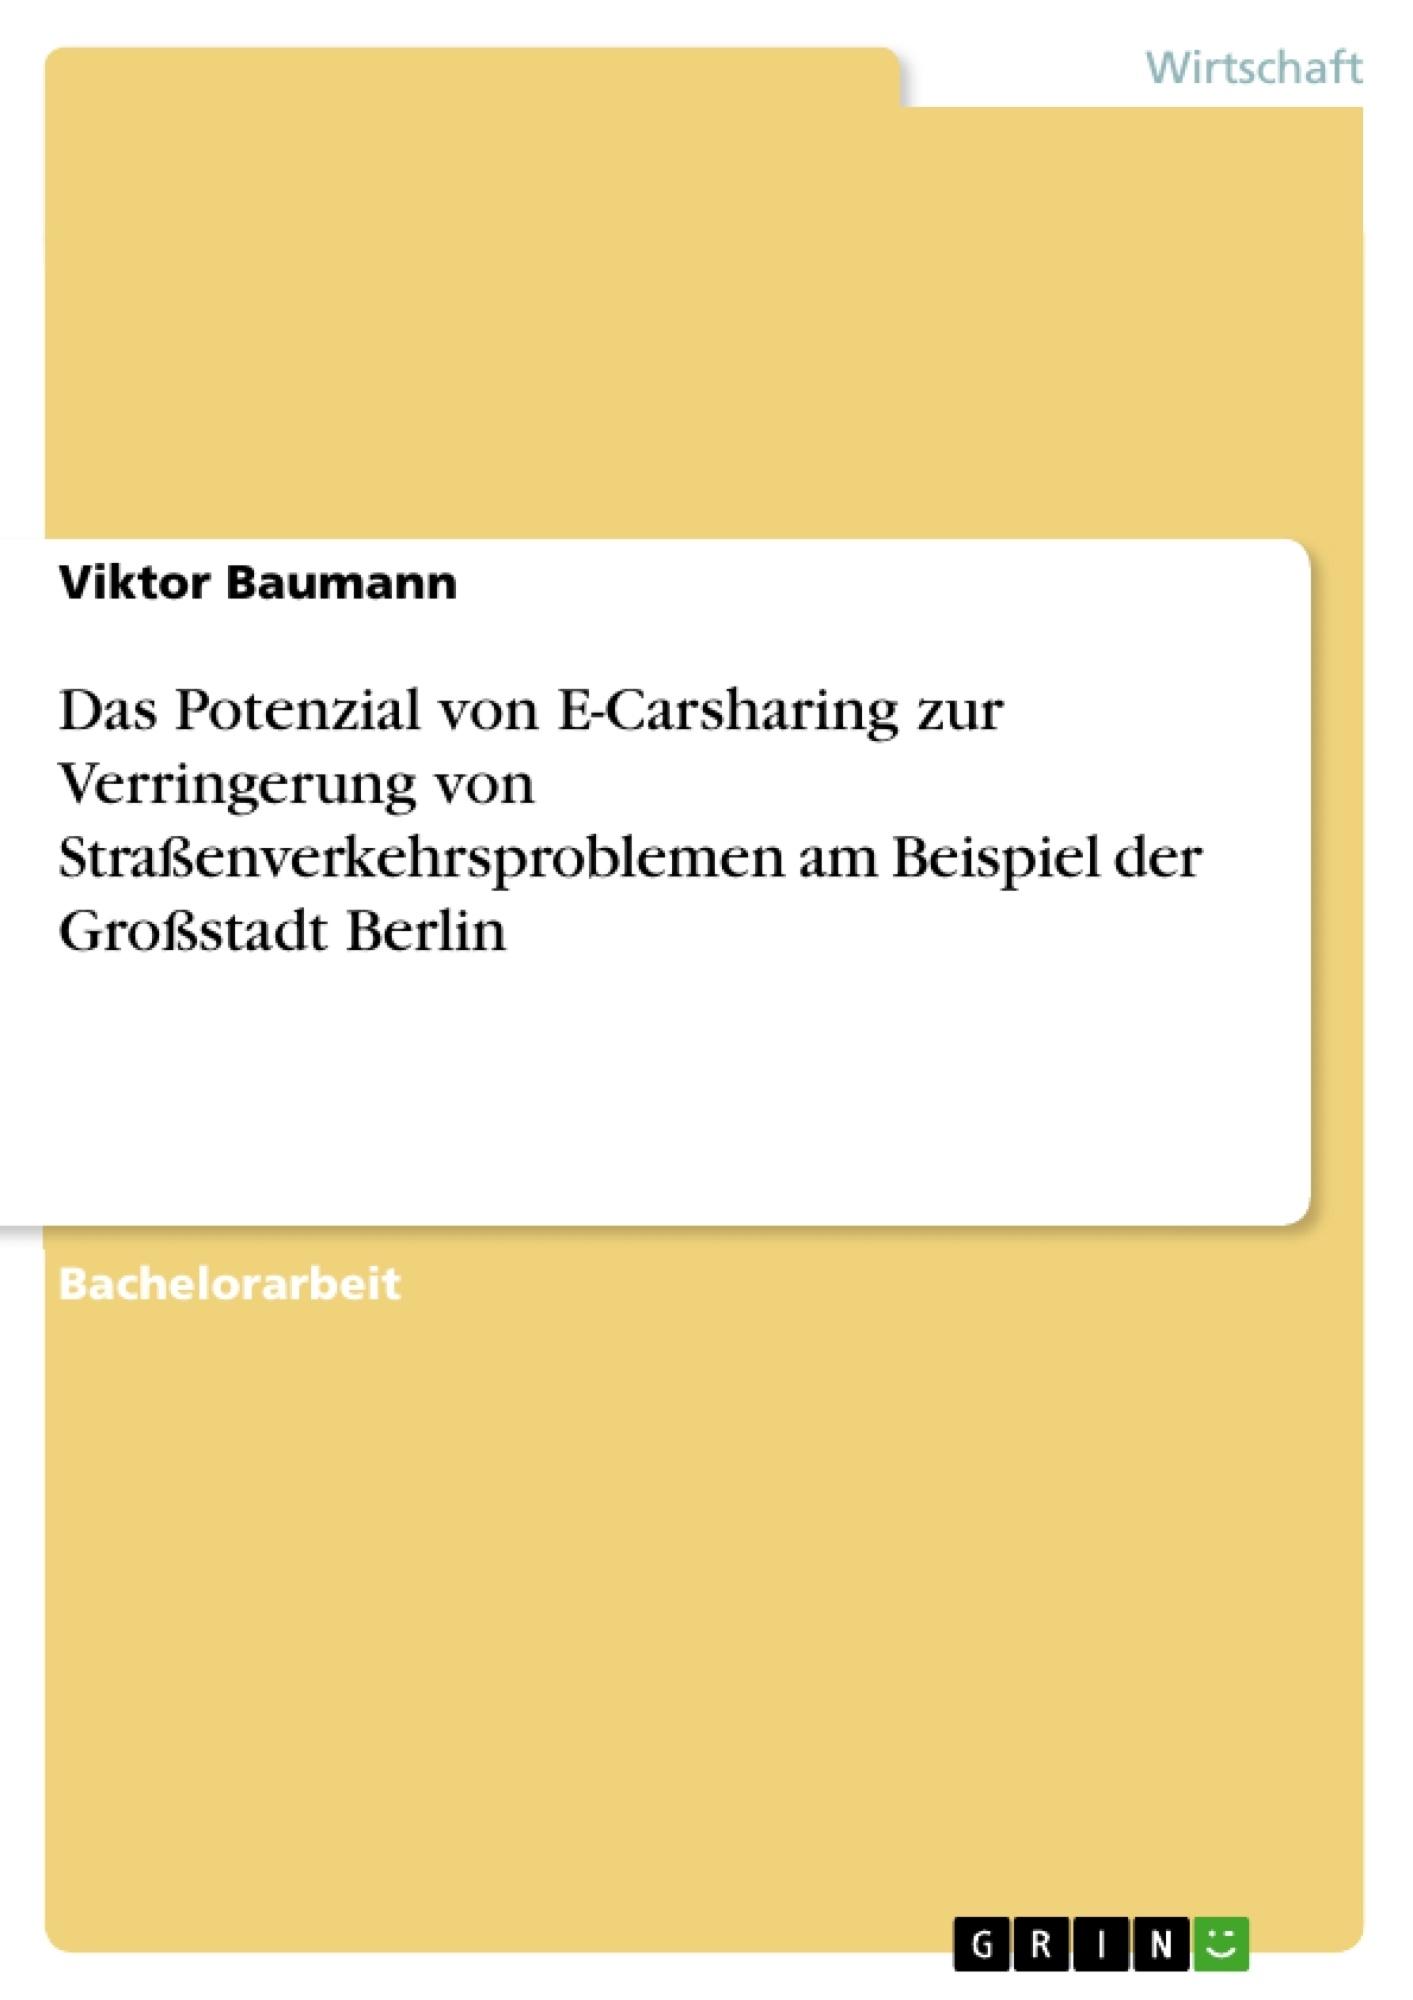 Titel: Das Potenzial von E-Carsharing zur Verringerung von Straßenverkehrsproblemen am Beispiel der Großstadt Berlin